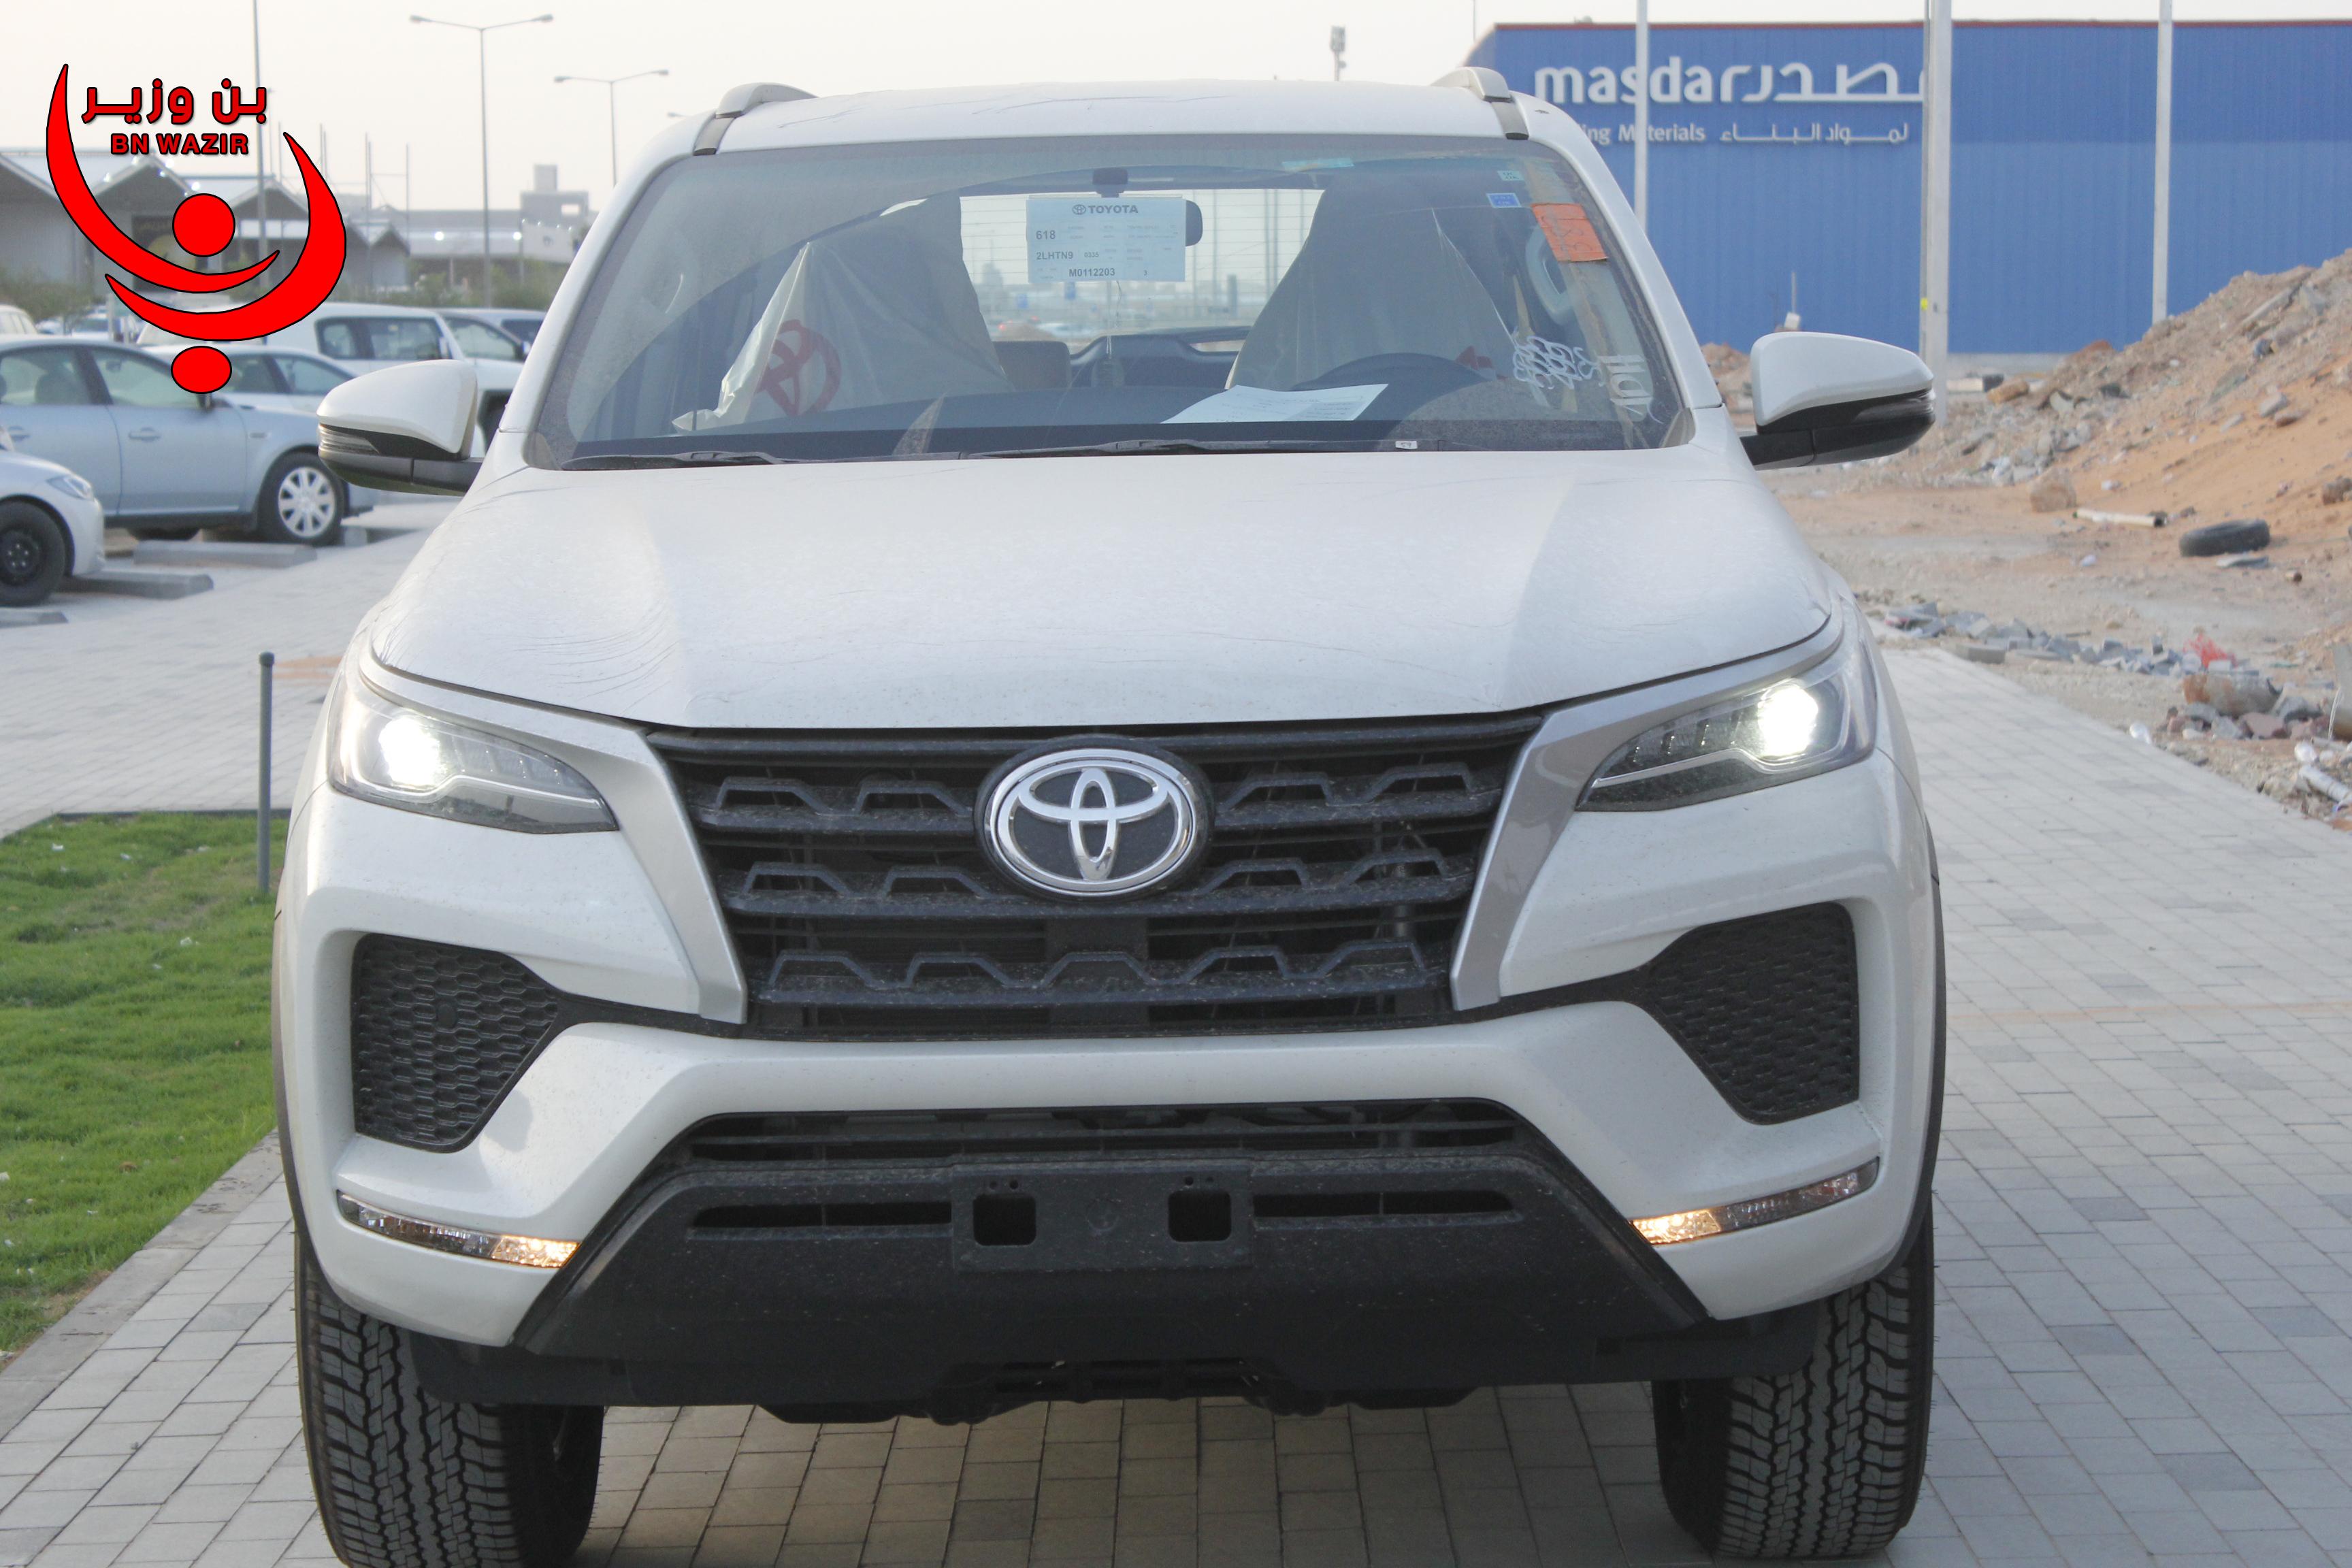 تويوتا  فورتشنر  GX2  2021 نص فل  للبيع في الرياض - السعودية - صورة كبيرة - 4